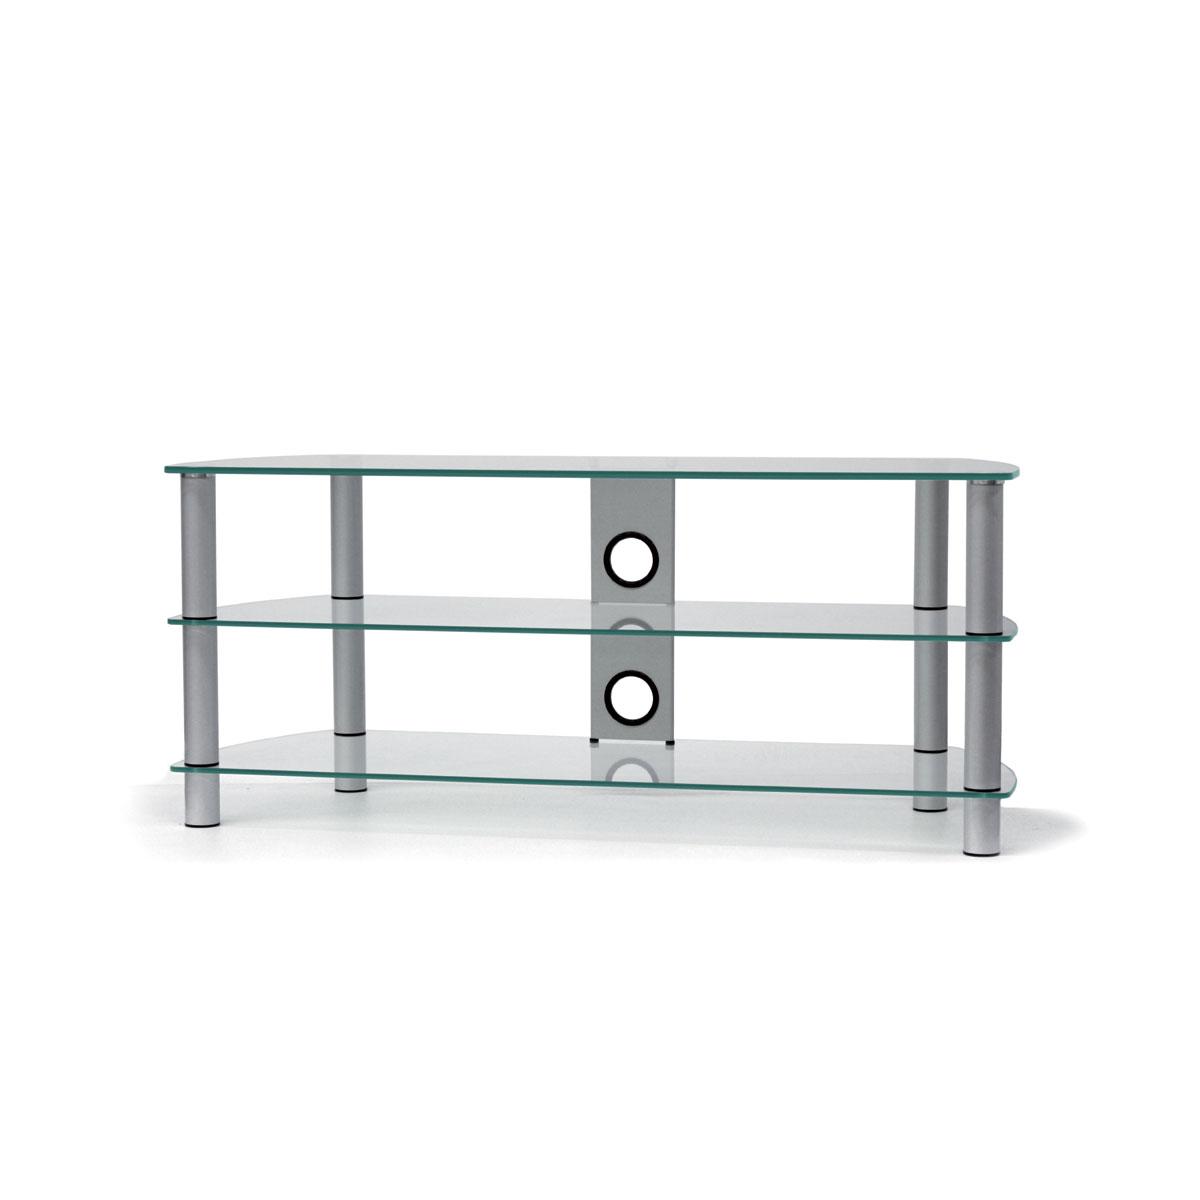 Ein Hifi TV Rack. 120x52x42 cm (BxHxT). Mit 3 Glasböden und Kabelmanagement. Tragesäulen aus Aluminium. Modell JRC 1201 von Just Racks.